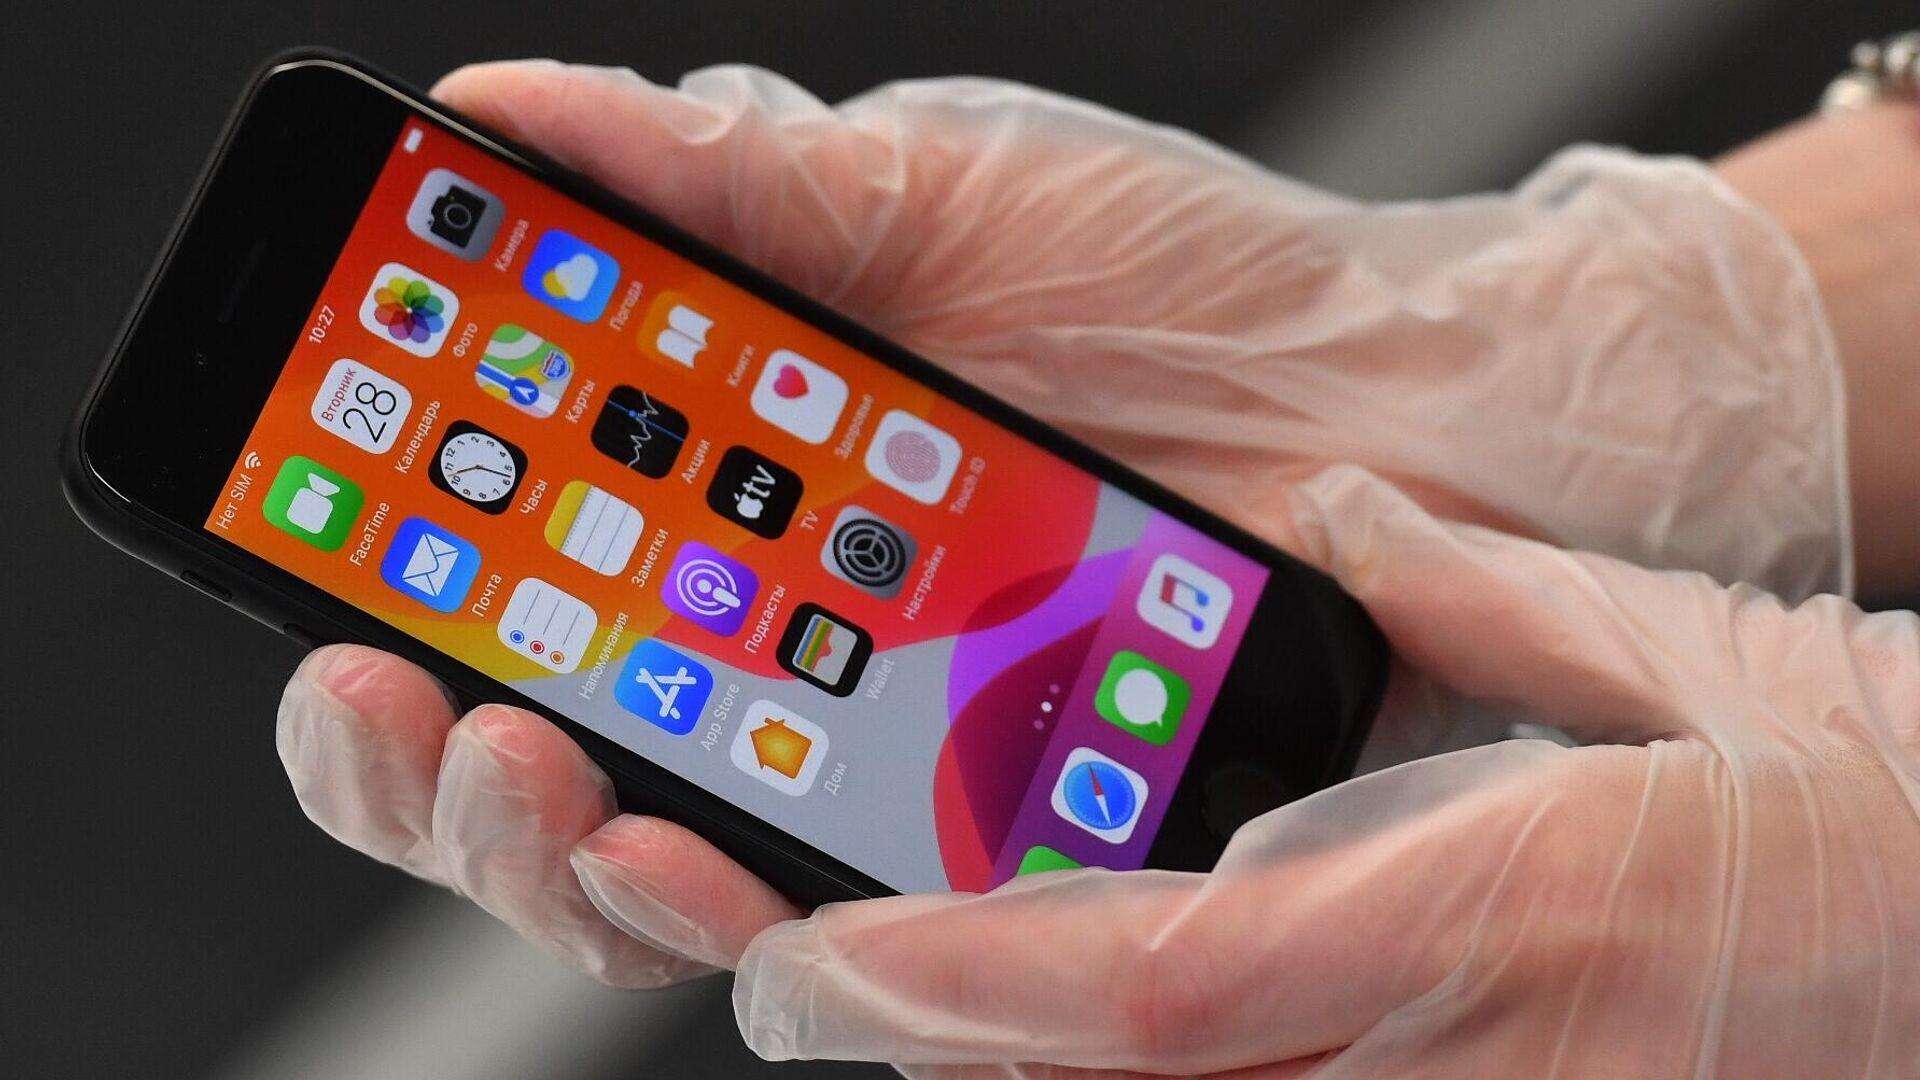 Новый смартфон компании Apple iPhone SE 2020 в магазине Cstore в Москве - РИА Новости, 1920, 19.09.2020